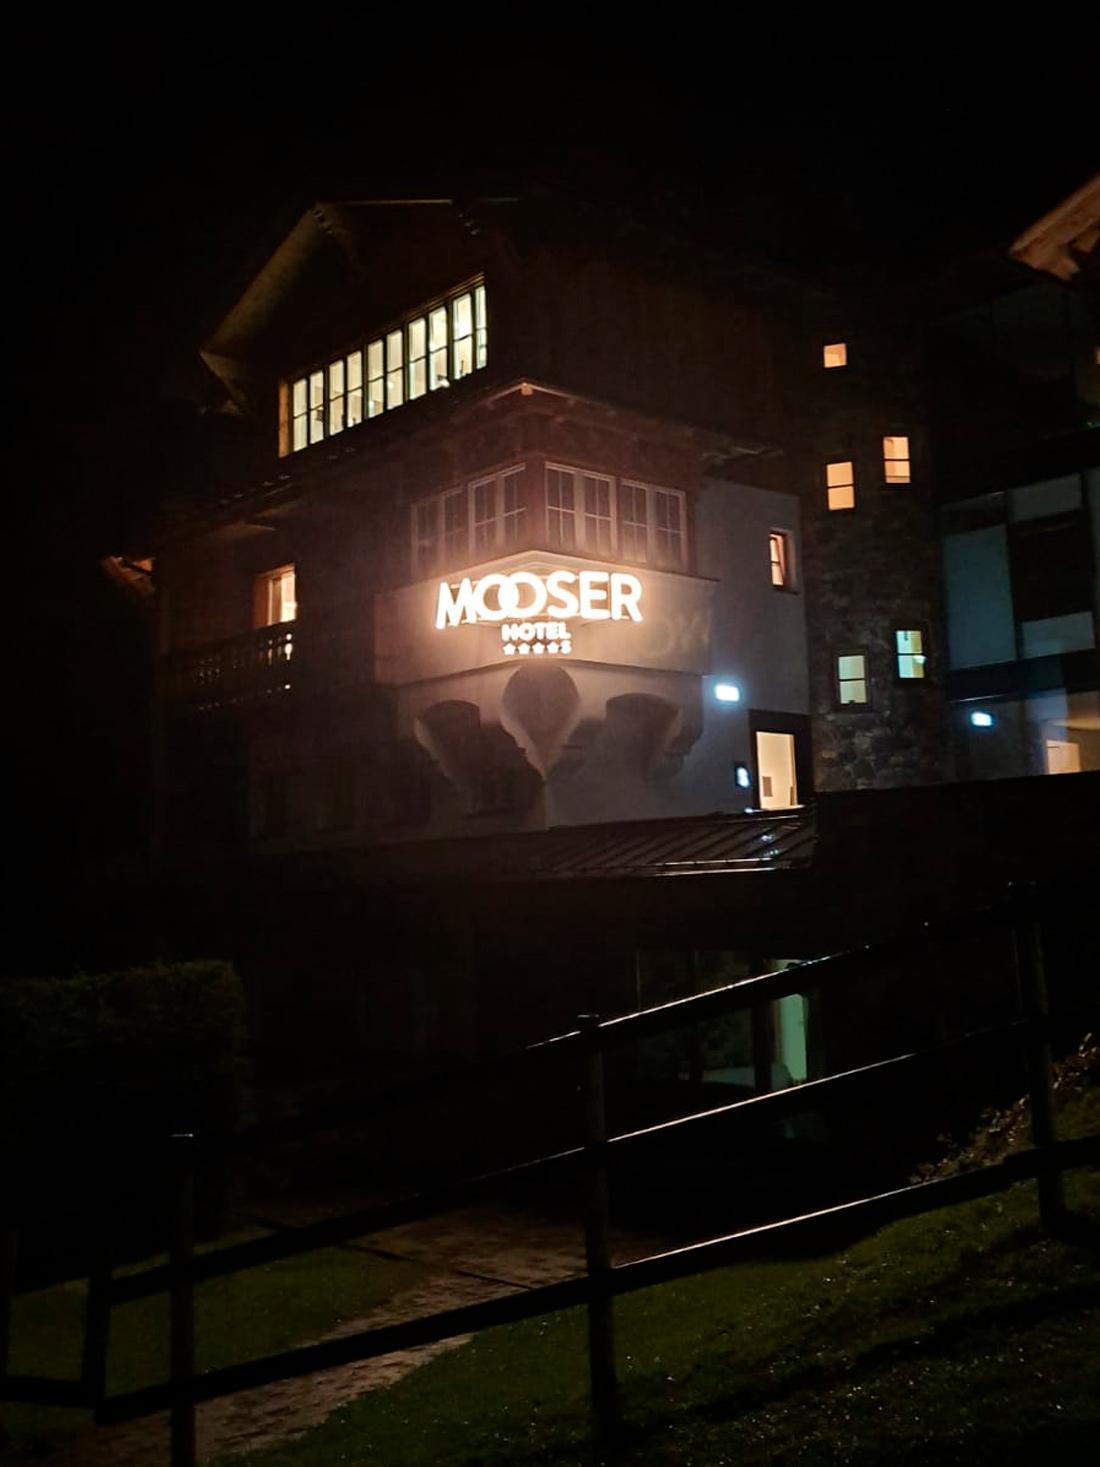 Mooserhotel Leuchtschrift bei Nacht